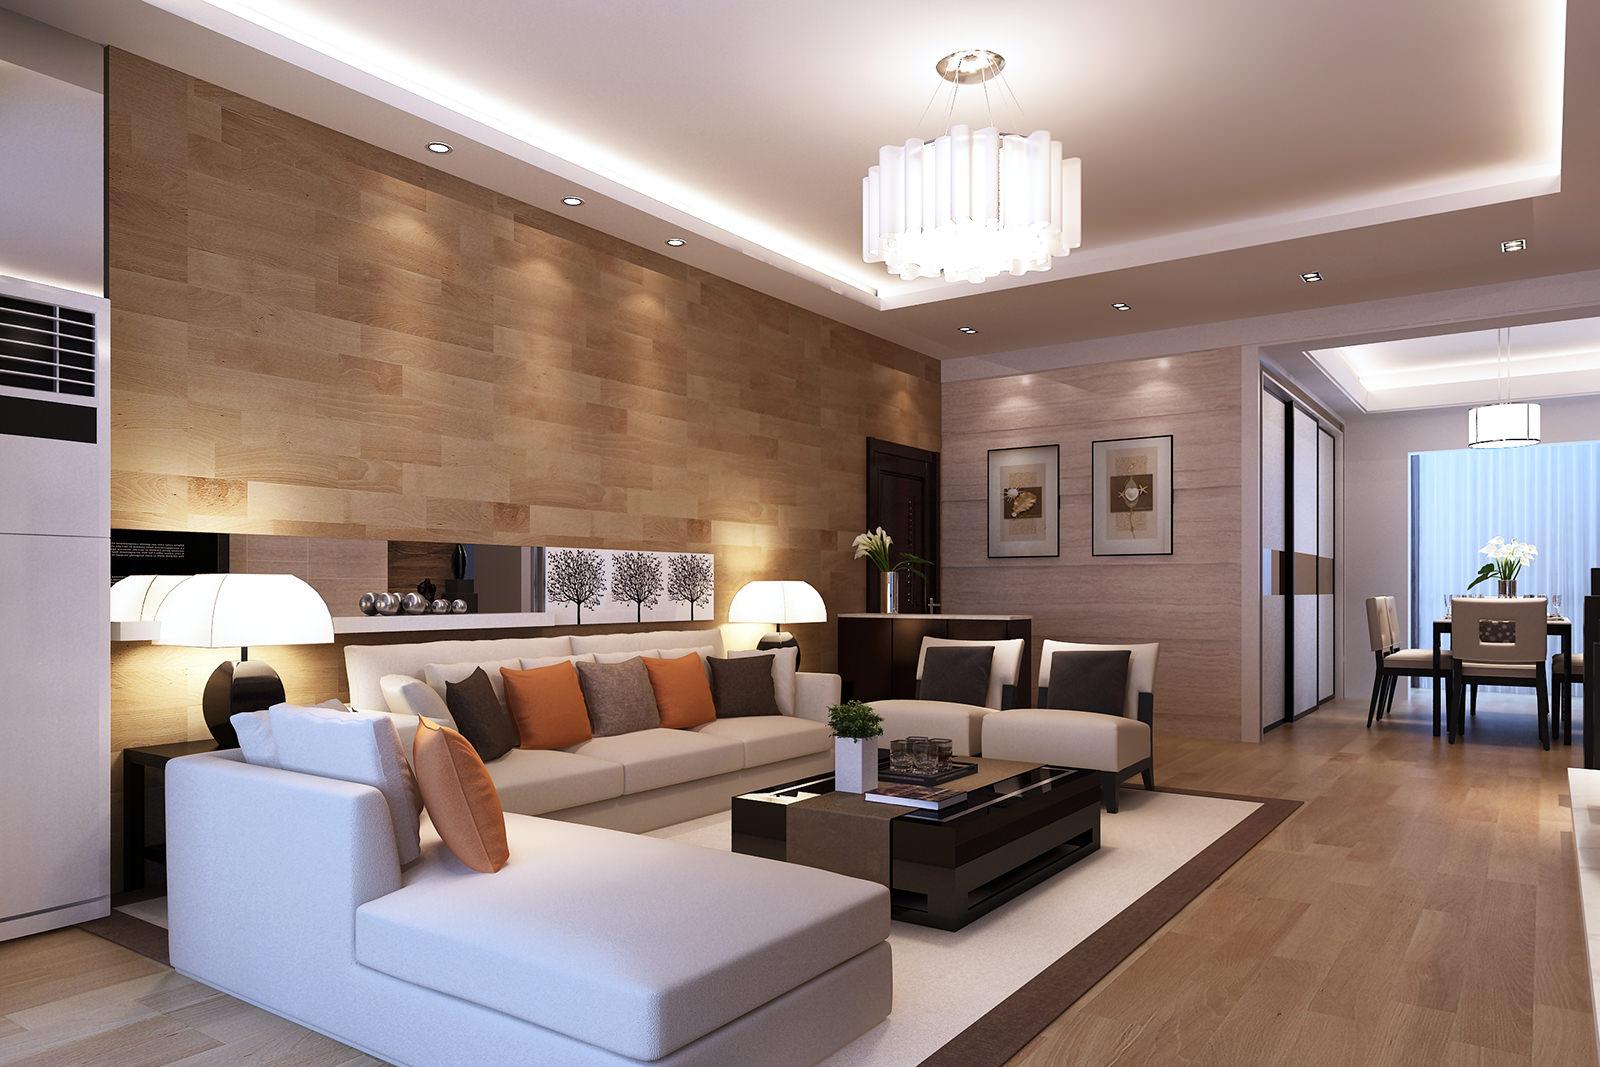 Красивые люстры и лампы в гостиной и кухне в стиле модерн